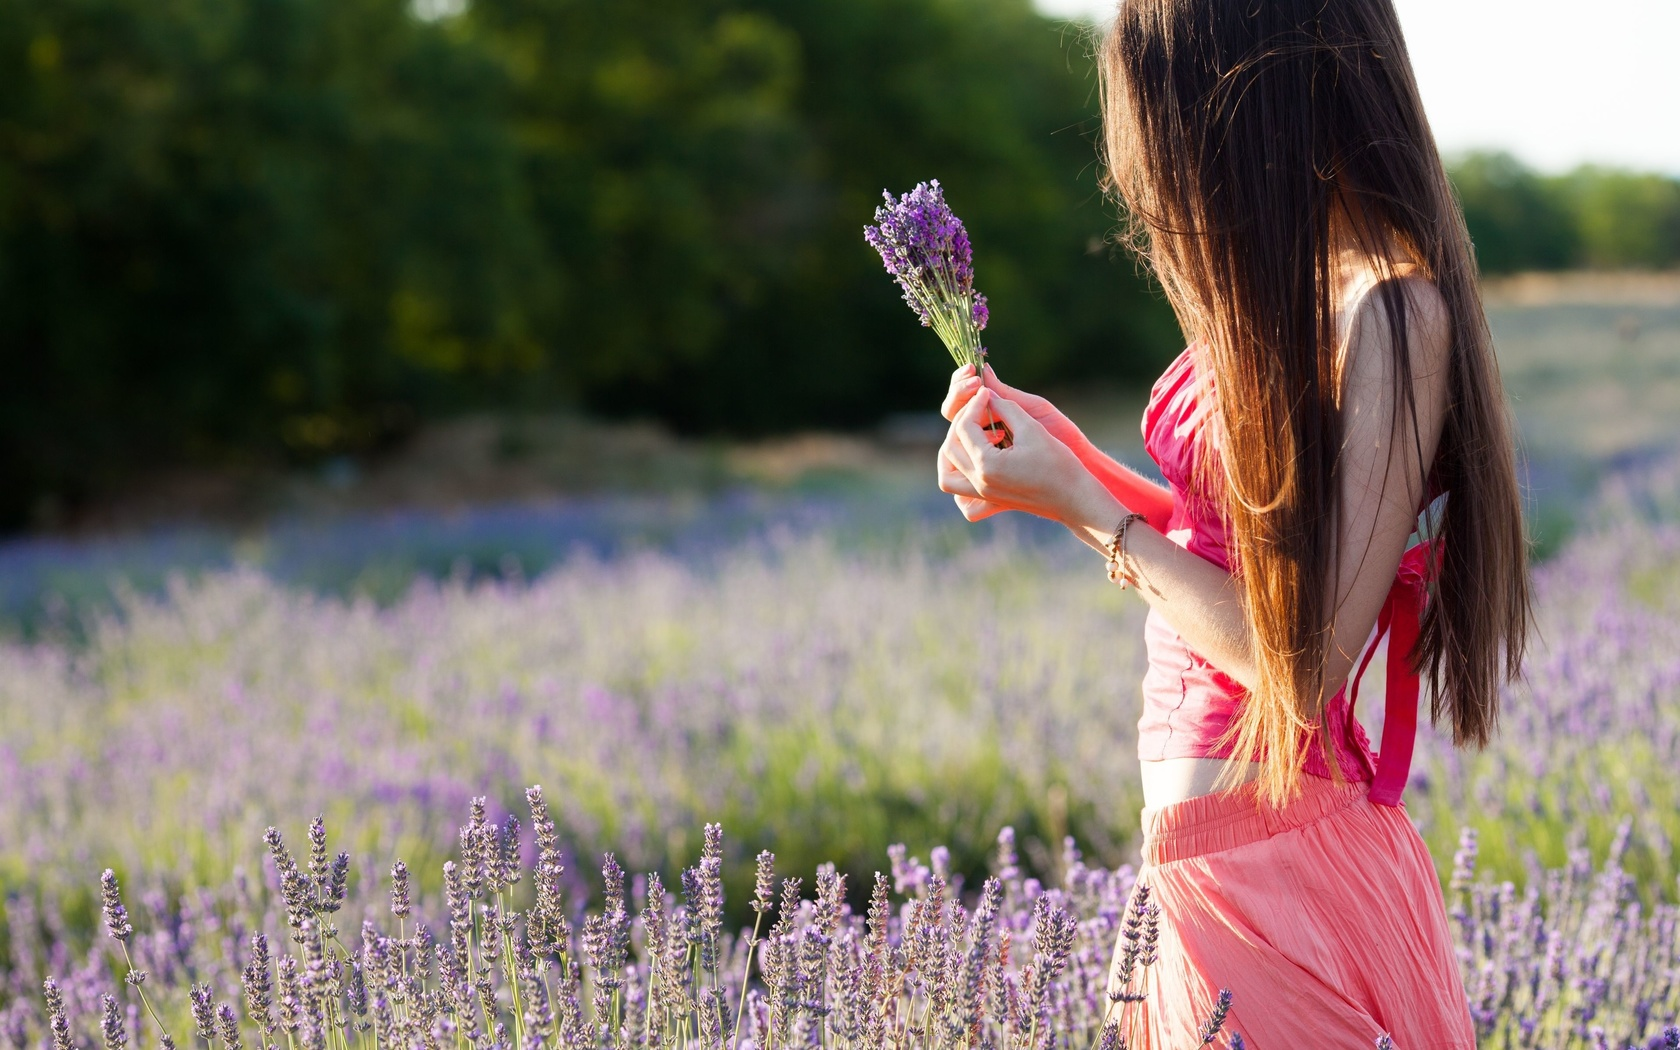 настроения, девушка, брюнетка, поле, цветы, фиолетовый, руки, природа, деревья